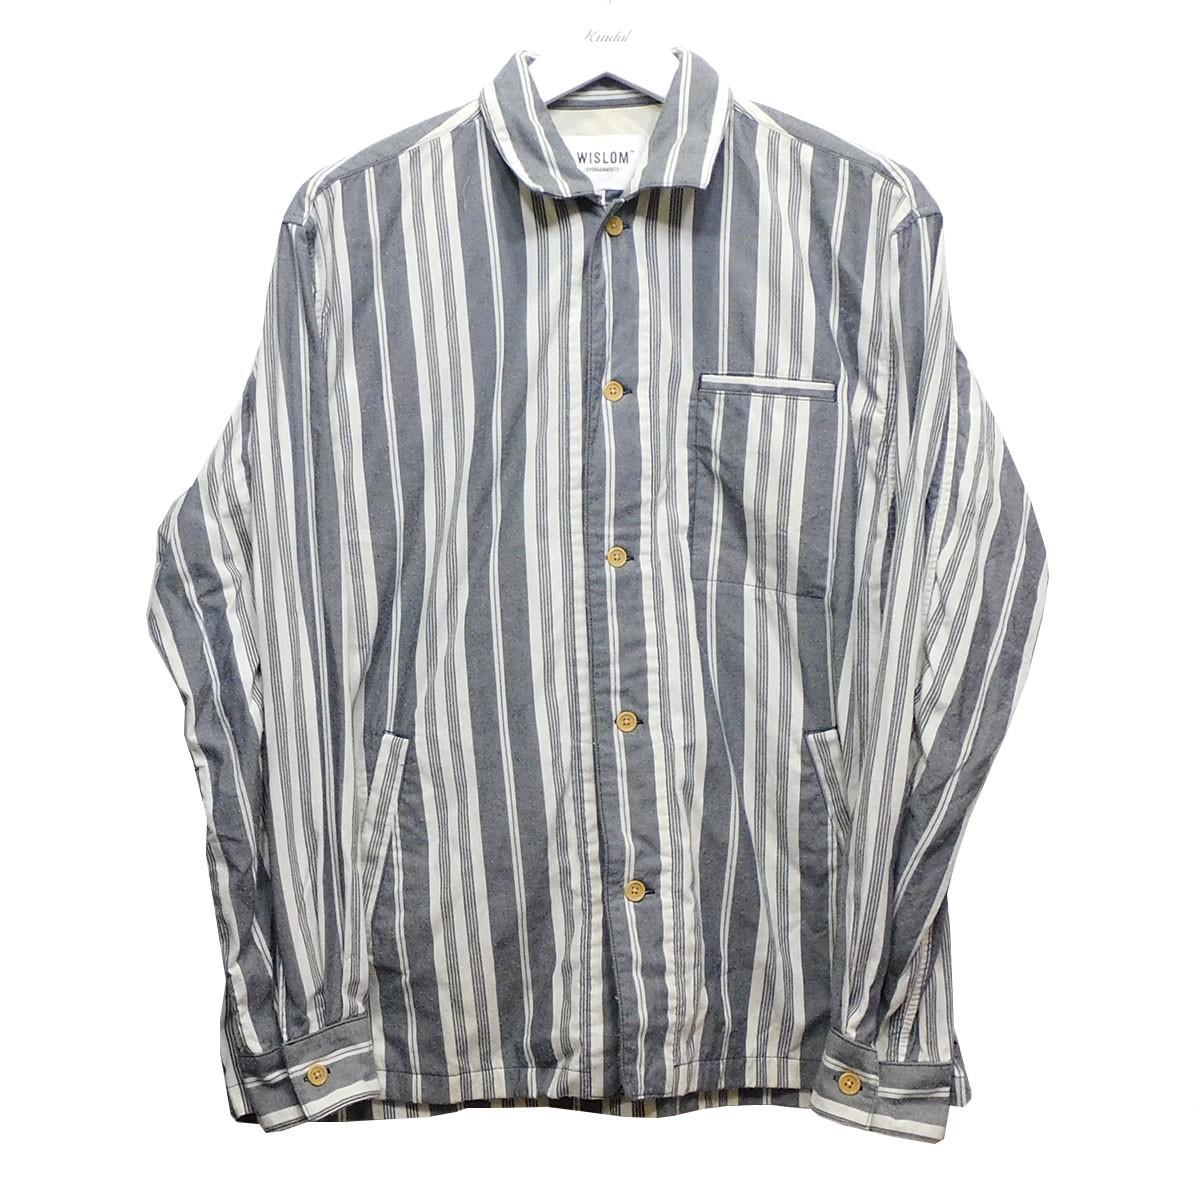 【中古】WISLOM シャツジャケット グレー×オフホワイト サイズ:05 【030820】(ウィズロム)